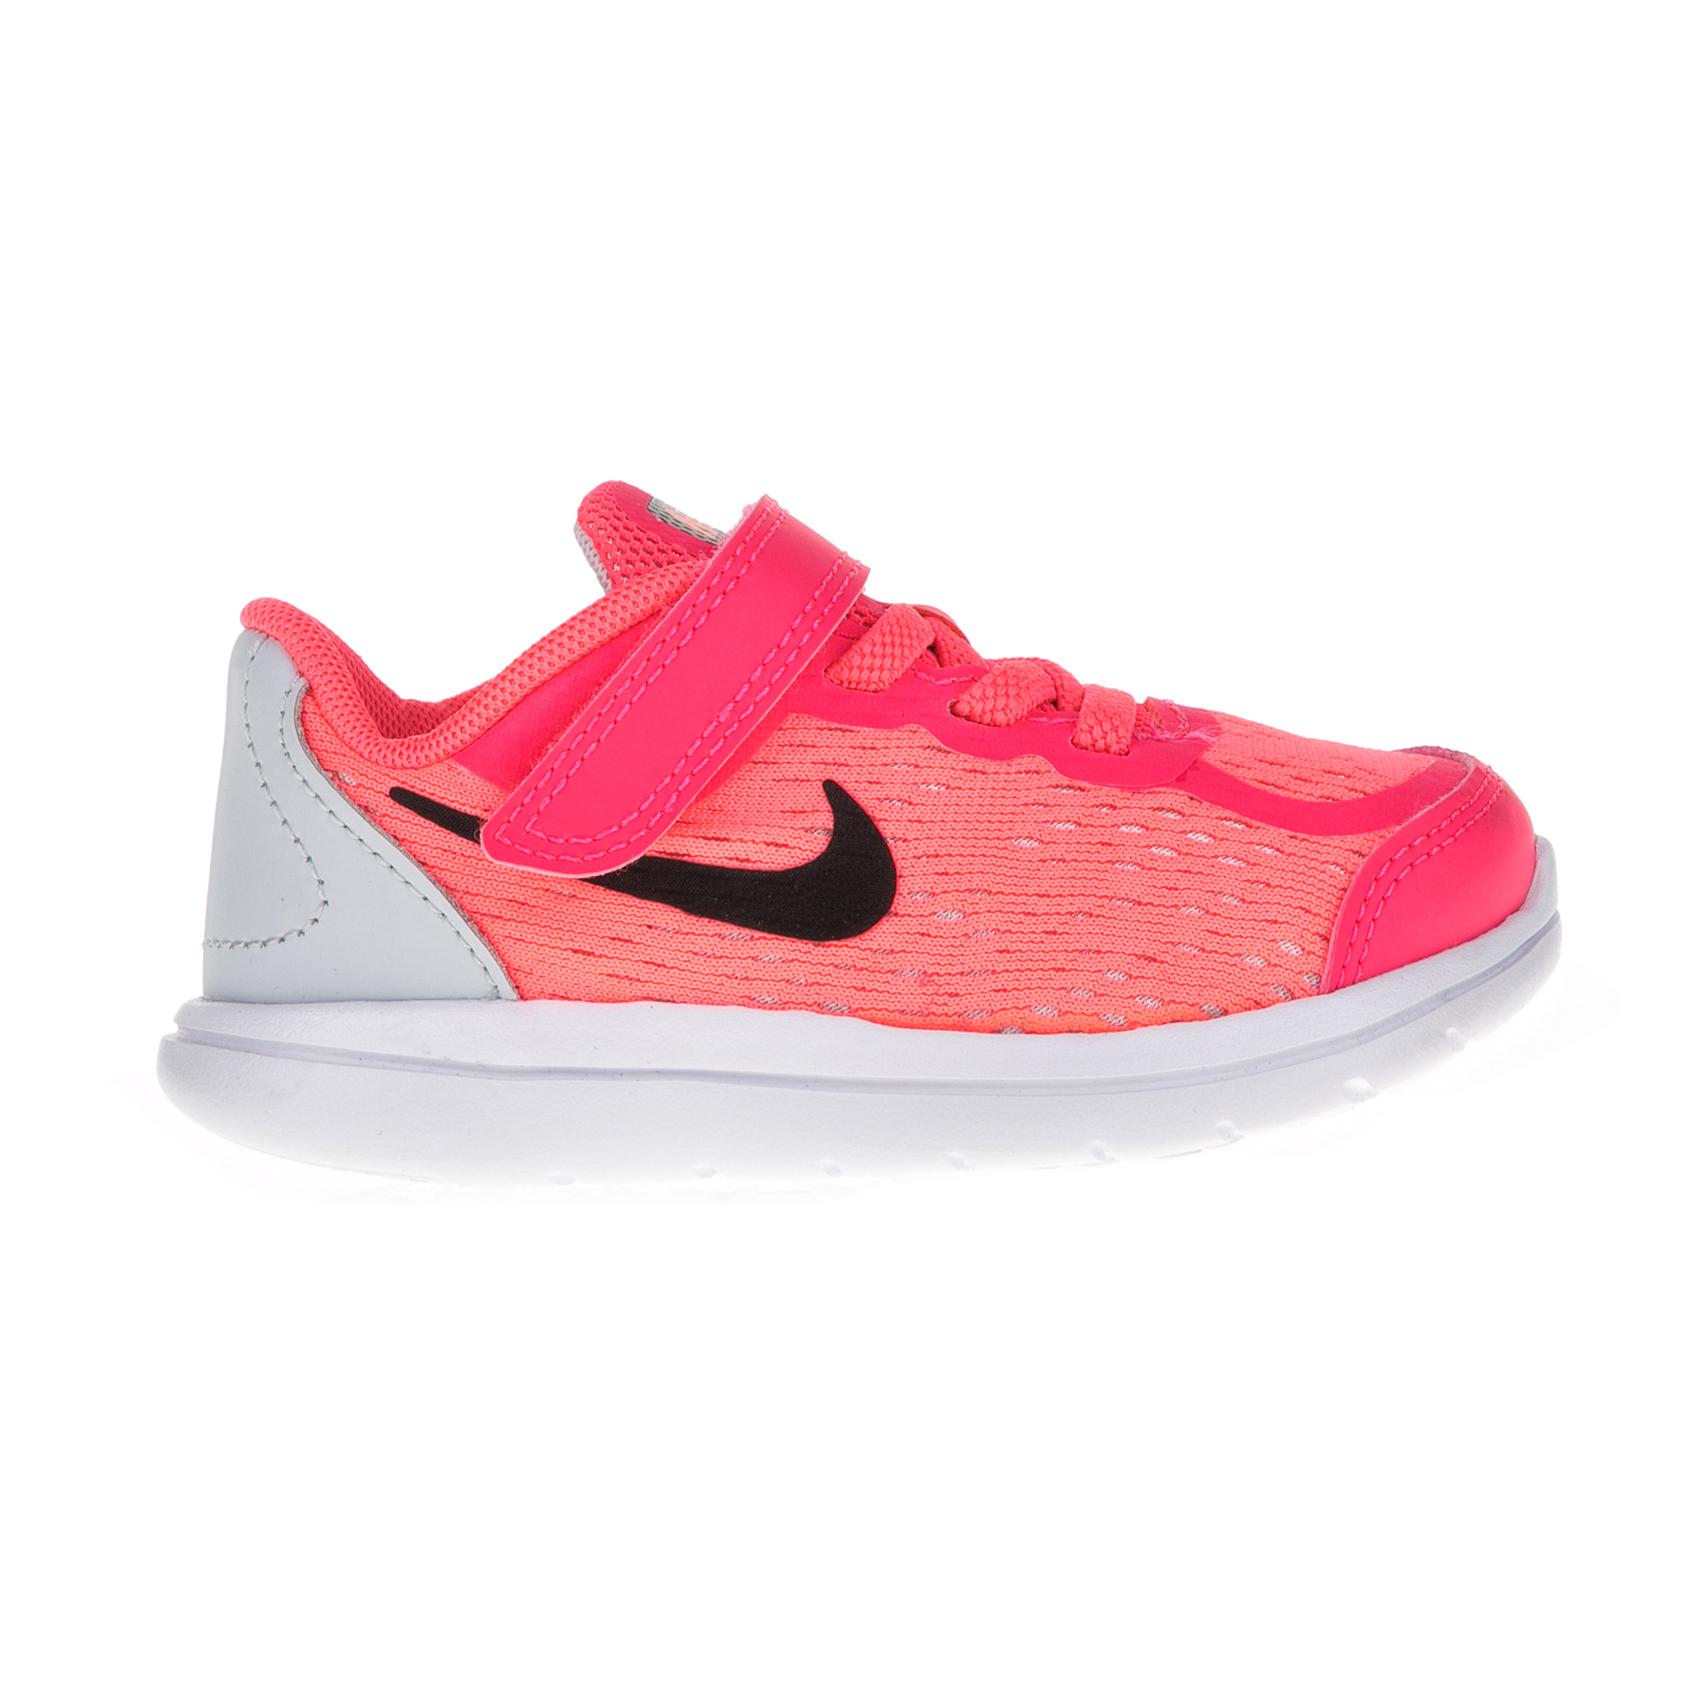 NIKE – Βρεφικά αθλητικά παπούτσια NIKE FLEX 2017 RN (TDV) ροζ